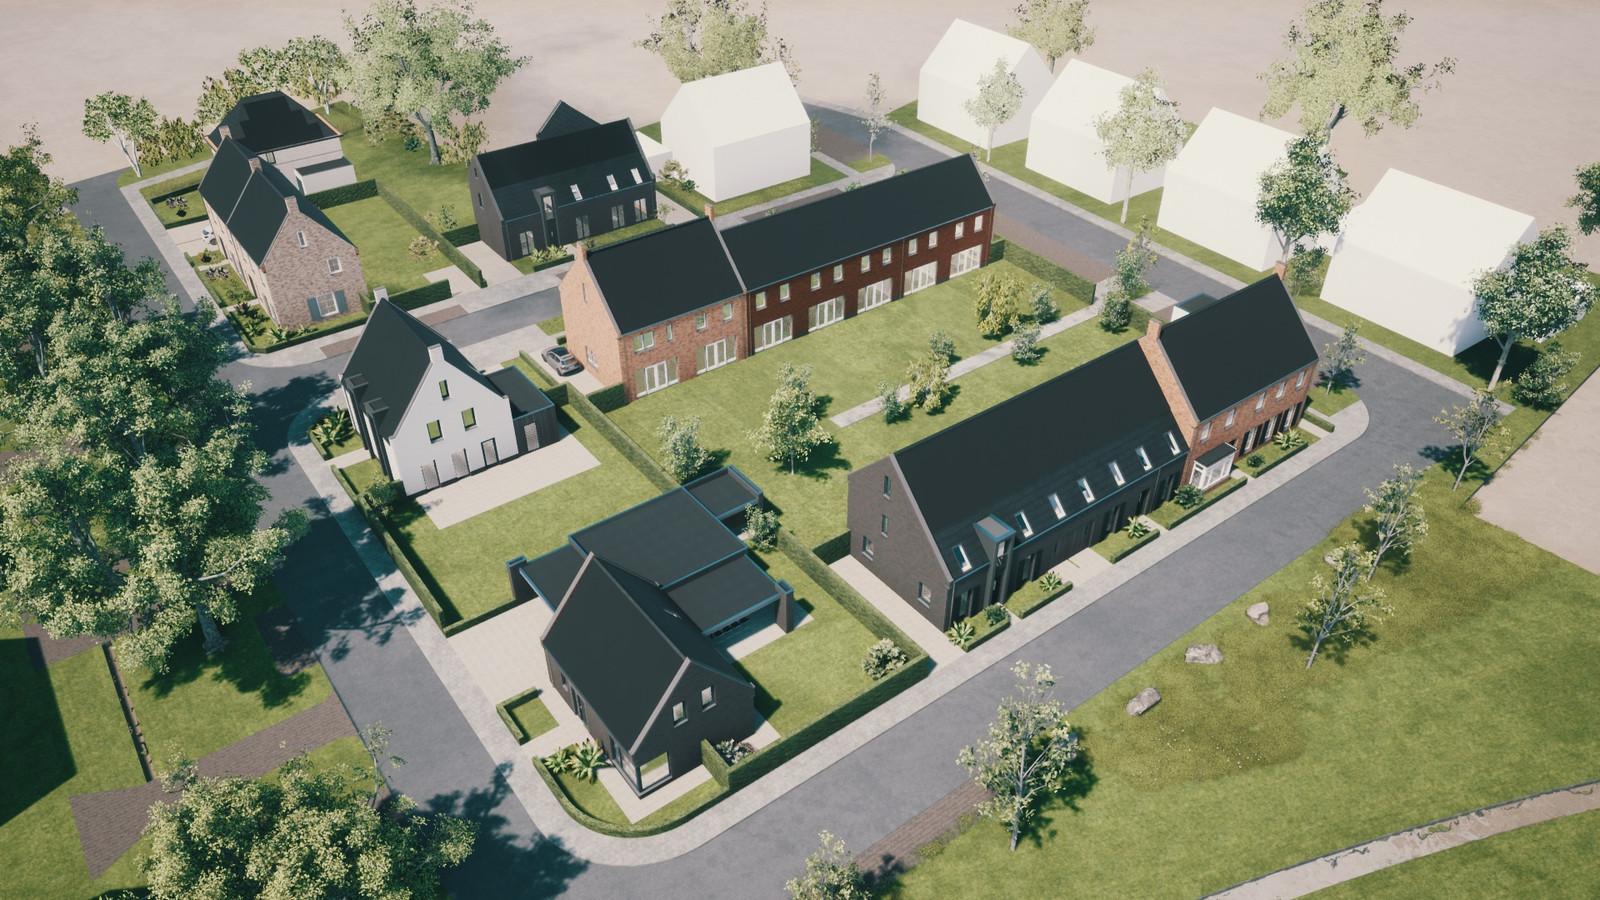 Artist impression van de 20 nieuwe woningen van project CPO Toekomstig Wonen in Chaam.